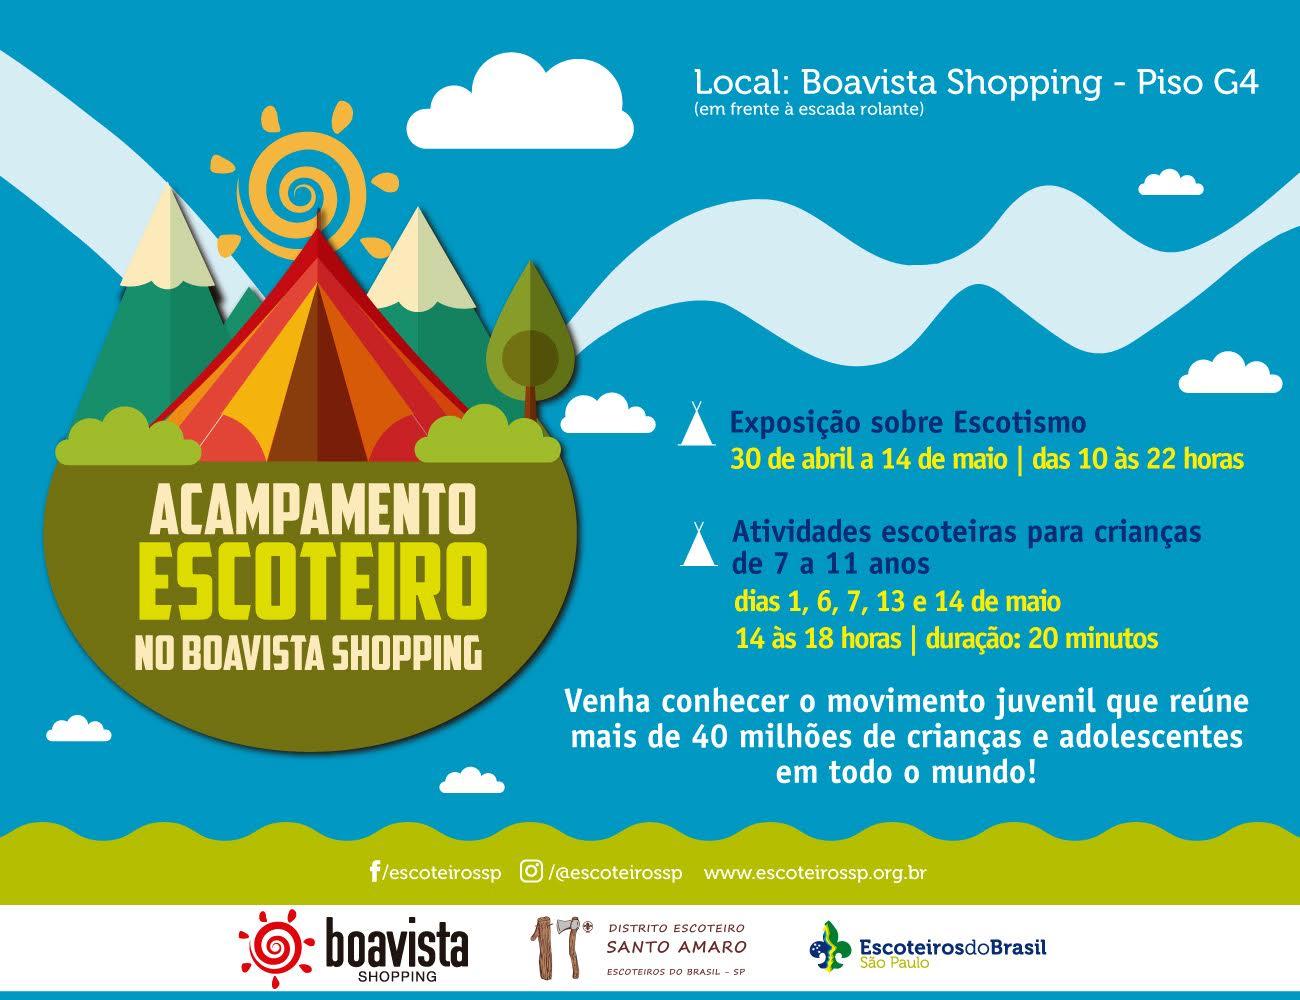 Escotismo ganha exposição e atividades educativas gratuitas no Boavista Shopping